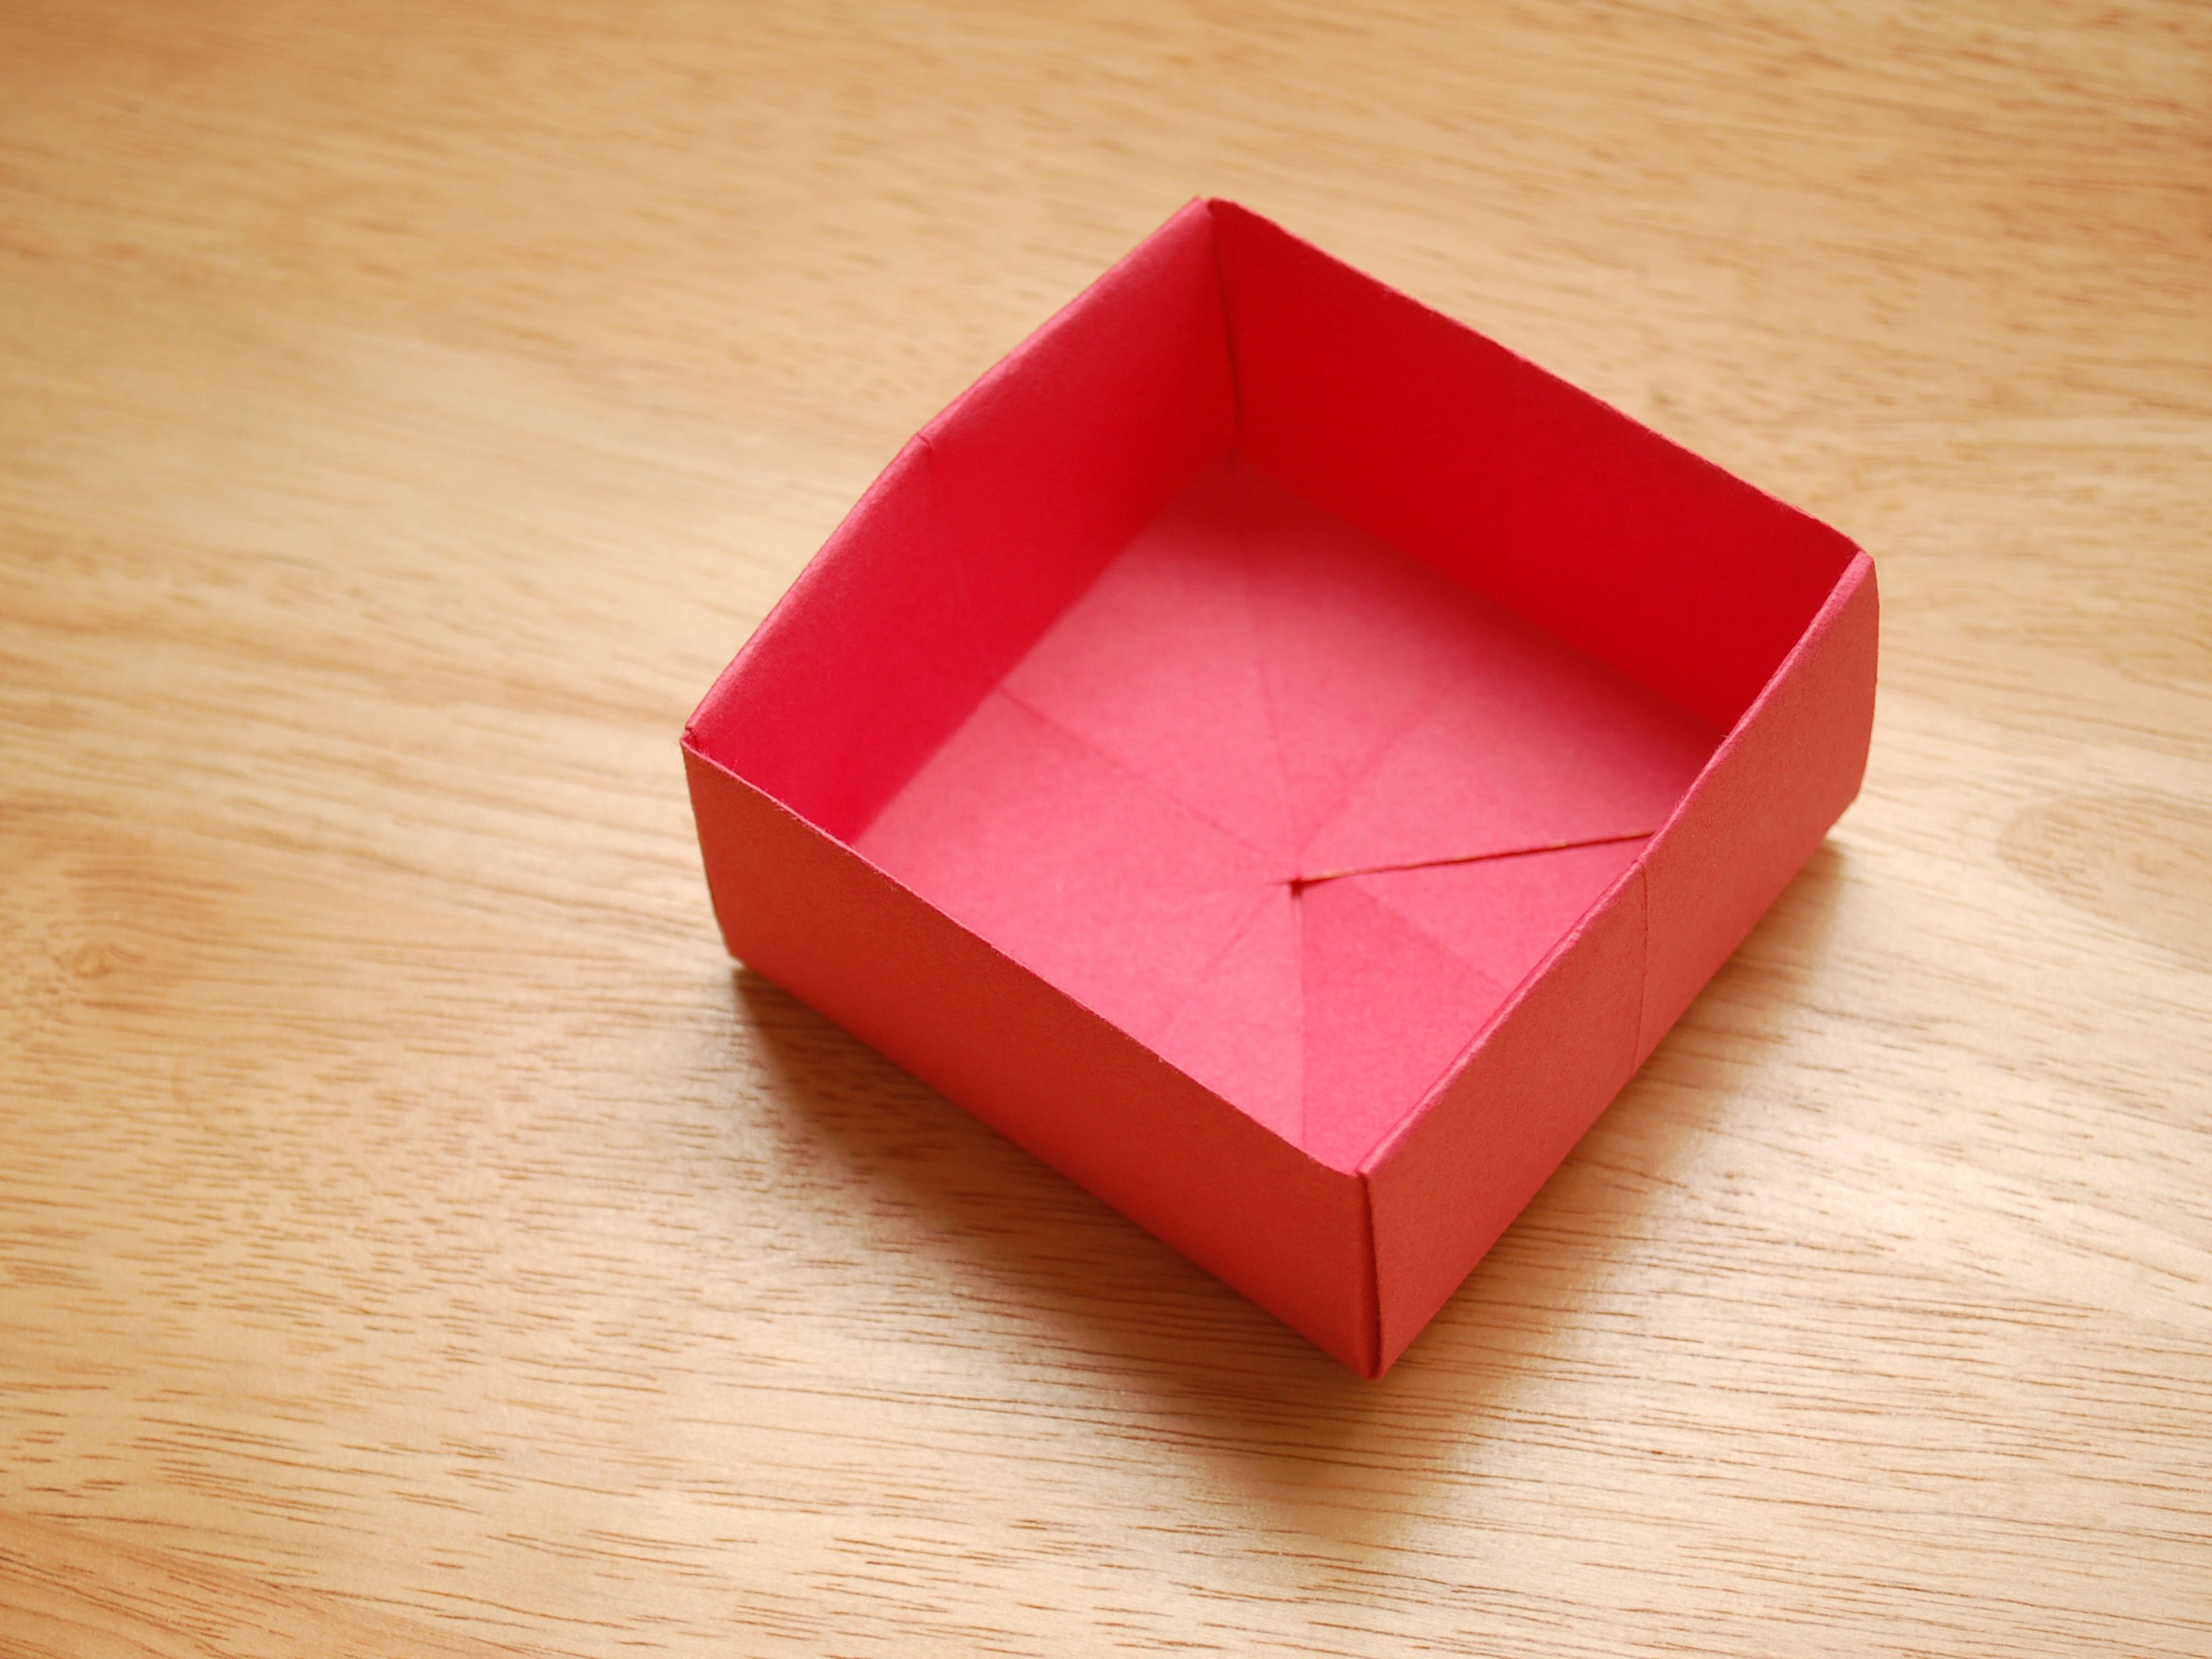 Make an origami paper basket paper basket origami paper and origami how to make an origami paper basket via wikihow jeuxipadfo Choice Image